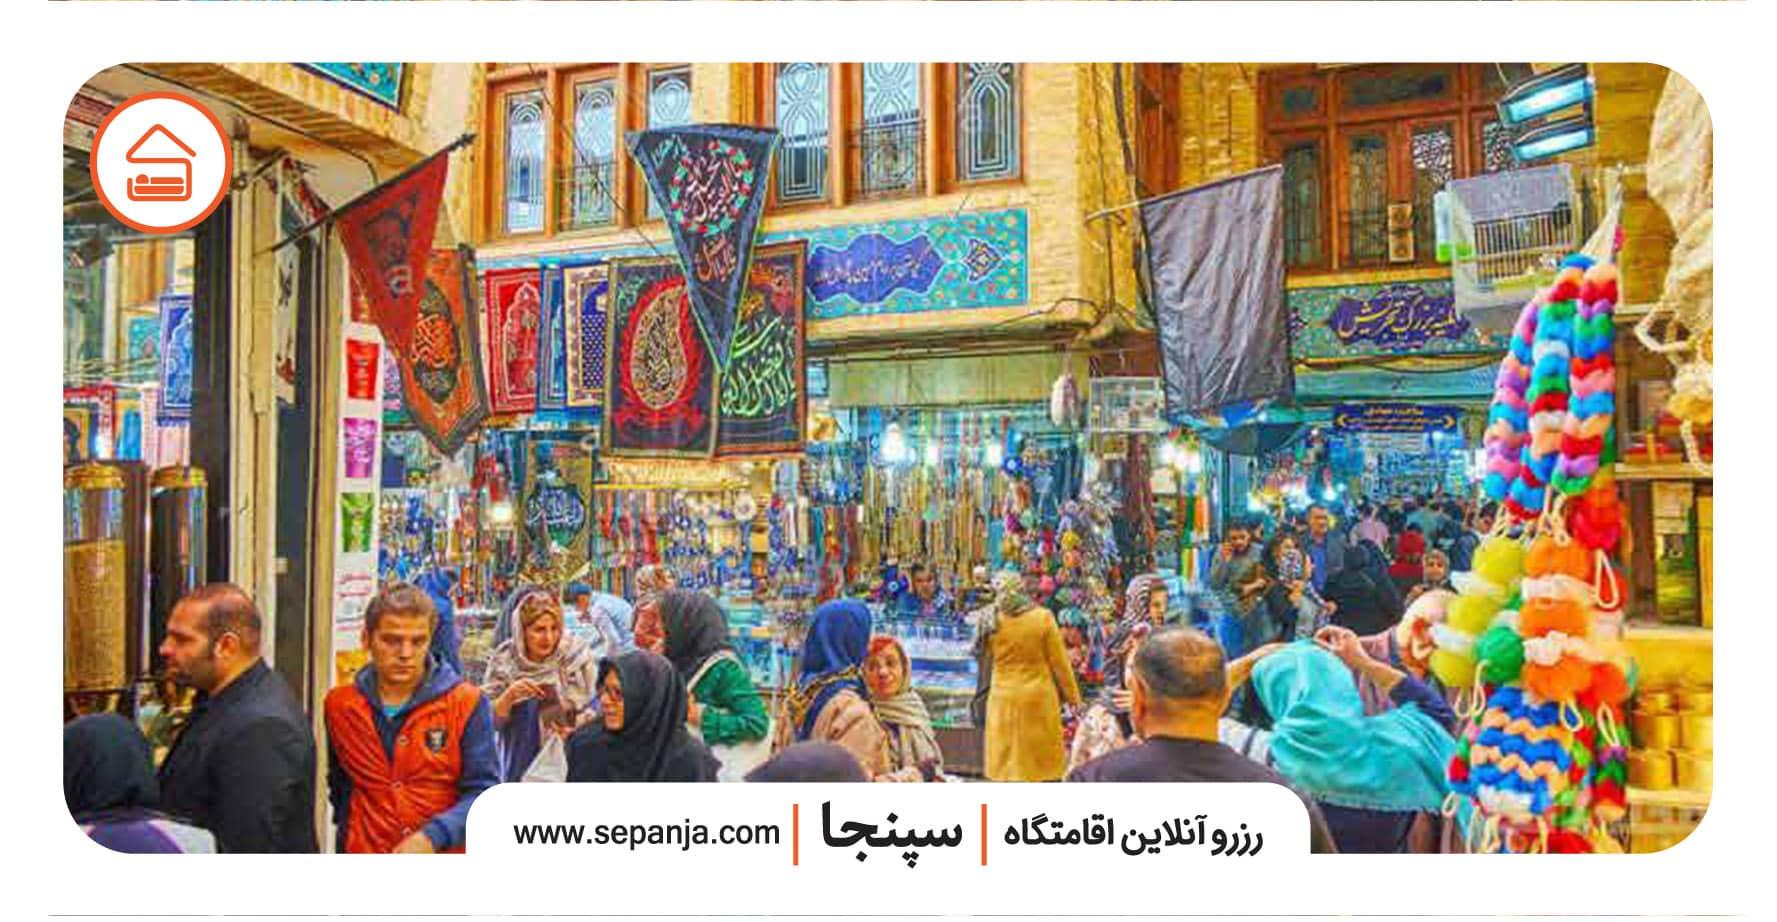 بازار تجریش از بهترین مکان های شهر تهران